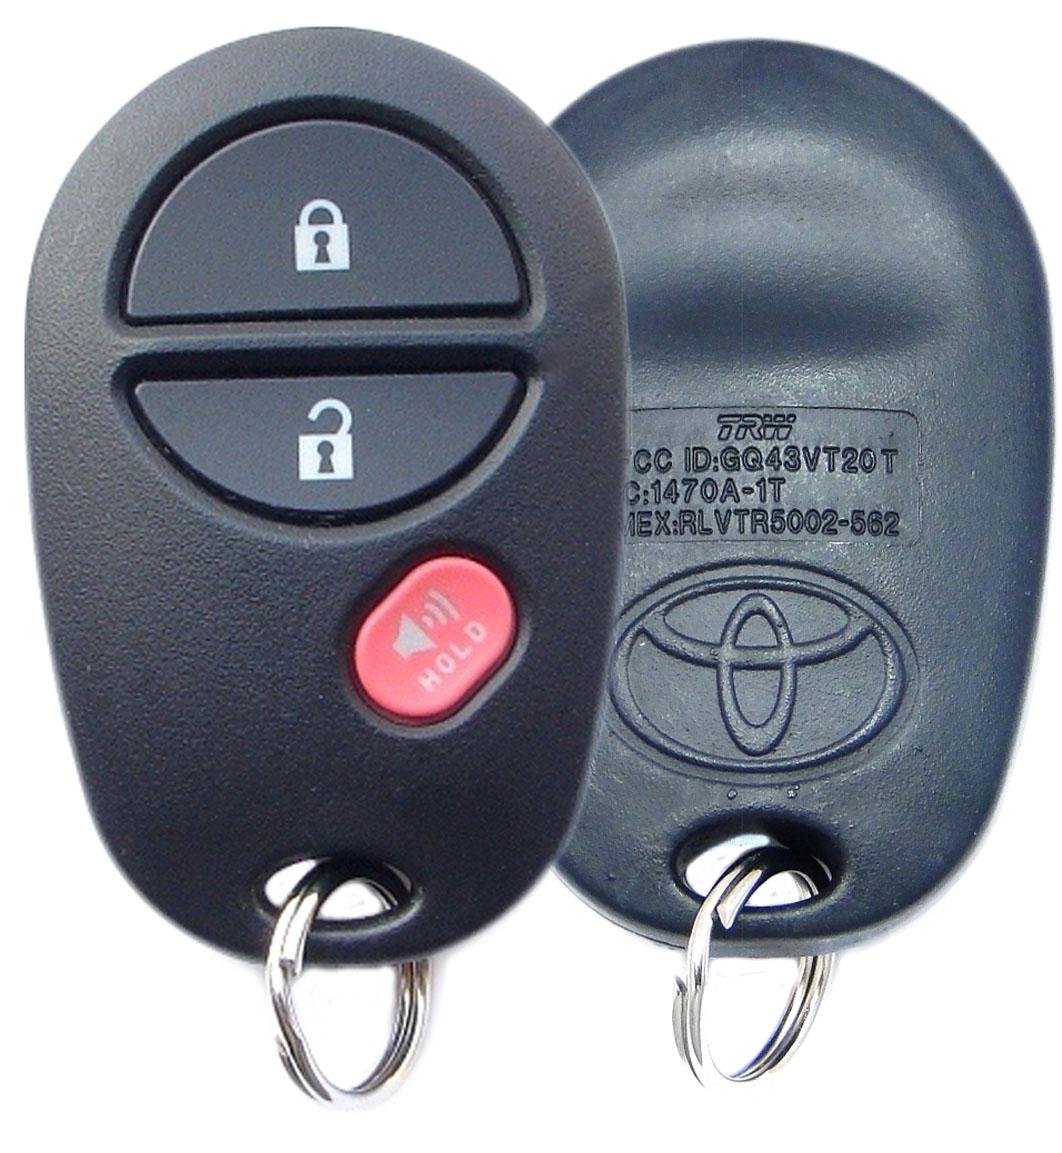 toyota-sienna-key-remote-2006